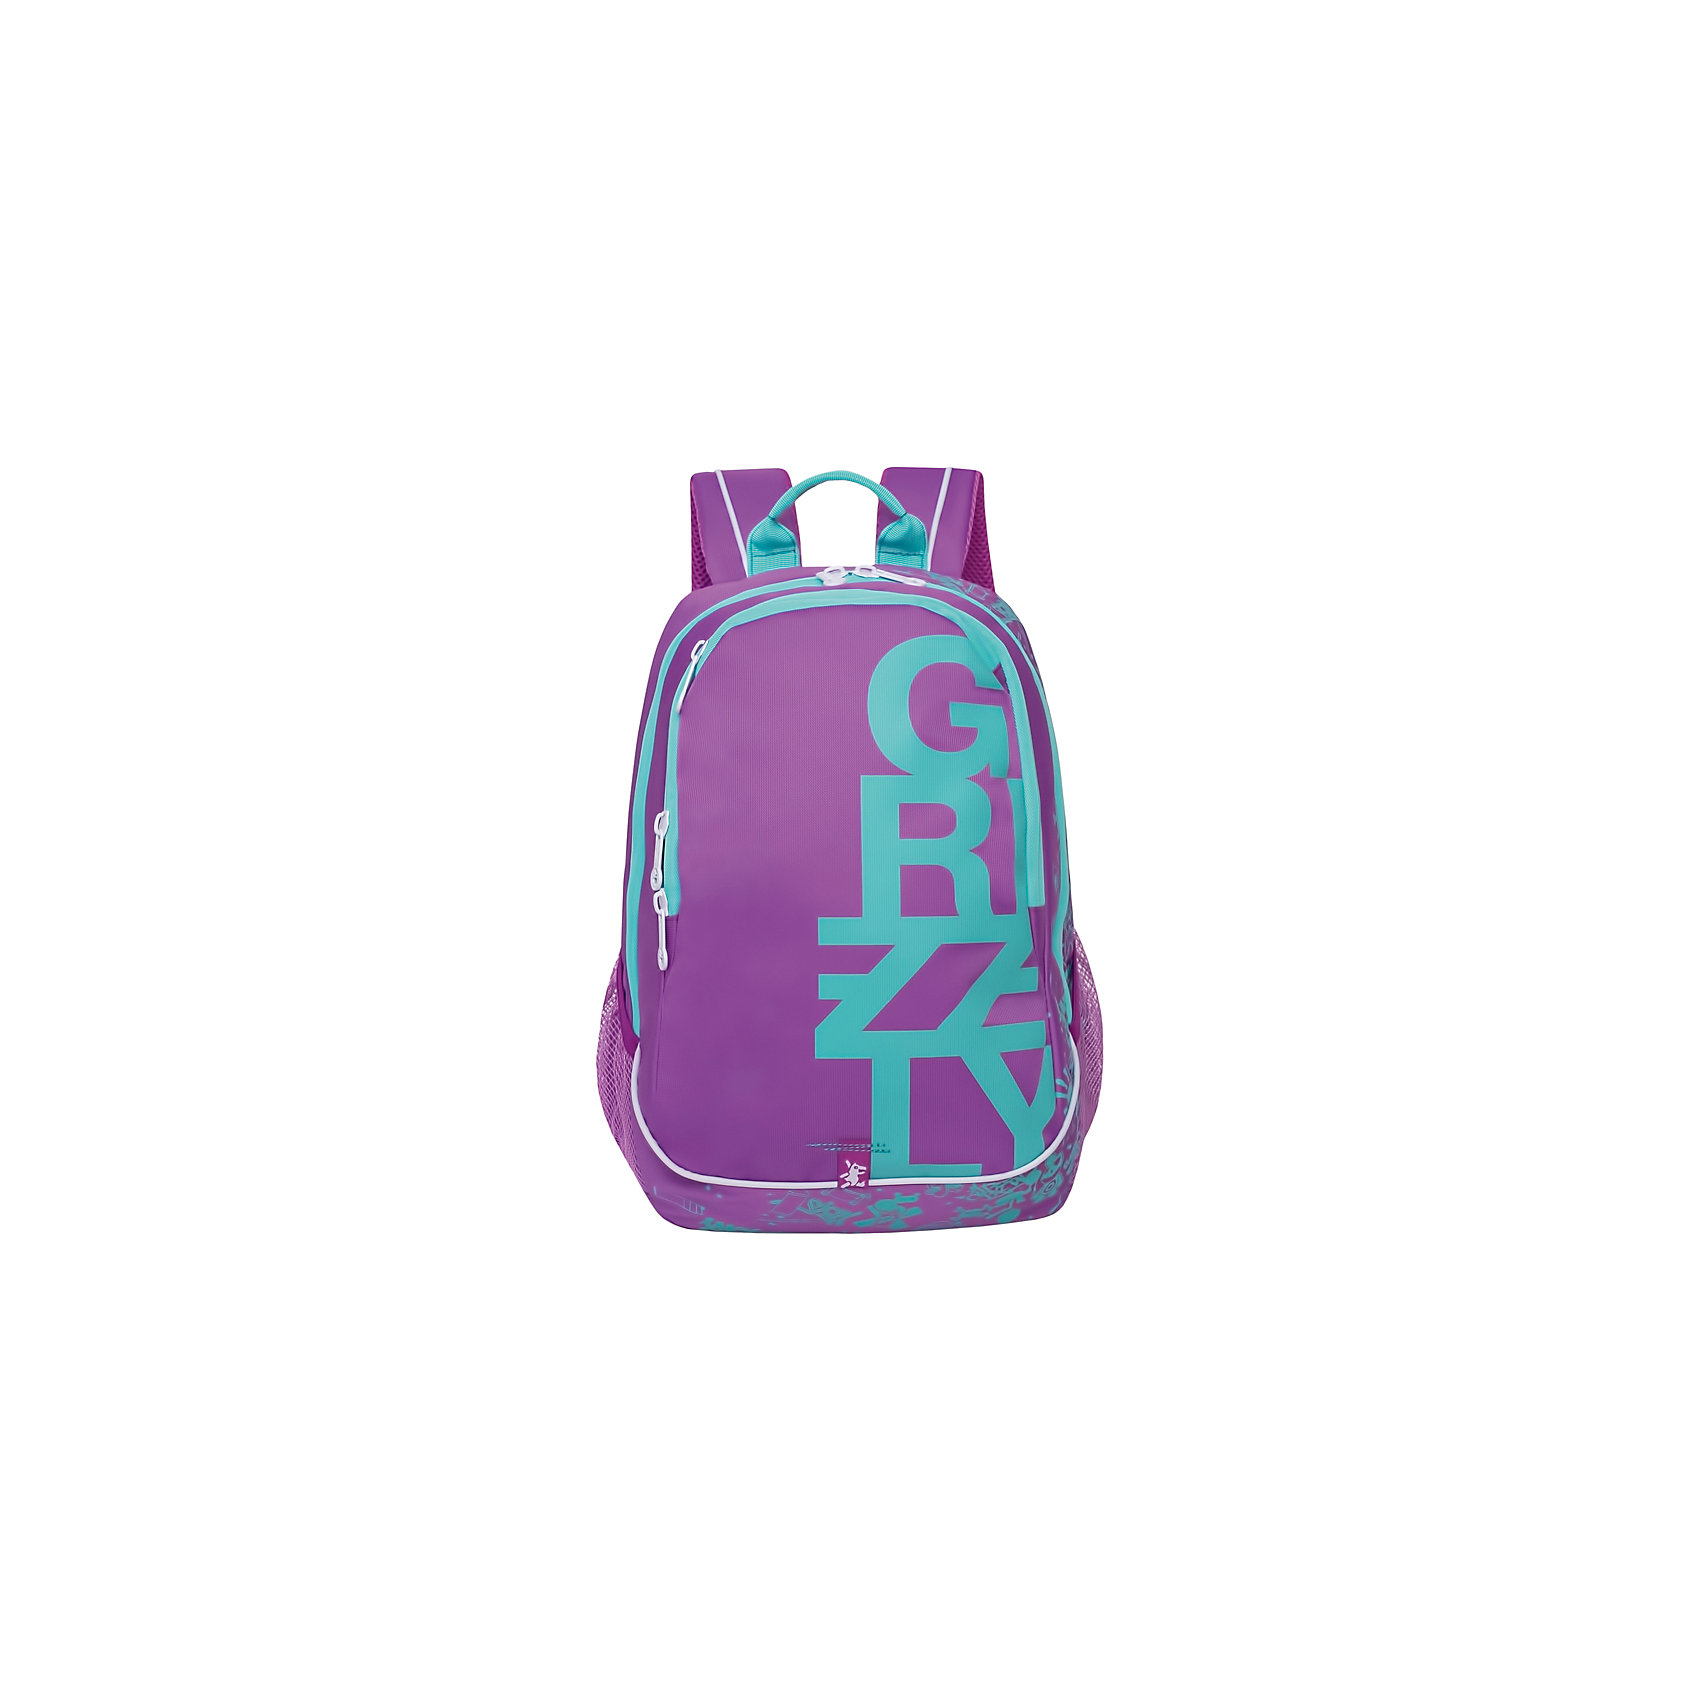 Рюкзак Grizzly  2 отделенияРюкзаки<br>Рюкзак молодежный, два отделения, карман на молнии на передней стенке, объемный карман на молнии на передней стенке, боковые карманы с клапанами на липучках, внутренний карман-пенал для карандашей, жесткая анатомическая спинка, карман быстрого доступа в передней части рюкзака, мягкая укрепленная ручка, укрепленные лямки.<br>Вес, г: 985<br>Размер, см: 29х40х20<br>Состав: Полиэстр<br>Наличие светоотражающих элементов:  нет<br>Материал: Полиэстр<br>Спина:  полужесткая<br>Наличие дополнительных карманов внутри:  да<br>Дно выбрать:  Мягкое<br>Количество отделений внутри:  2<br>Боковые карманы: да<br>Замок:  Молния<br><br>Ширина мм: 290<br>Глубина мм: 200<br>Высота мм: 400<br>Вес г: 810<br>Возраст от месяцев: 72<br>Возраст до месяцев: 192<br>Пол: Мужской<br>Возраст: Детский<br>SKU: 6727507